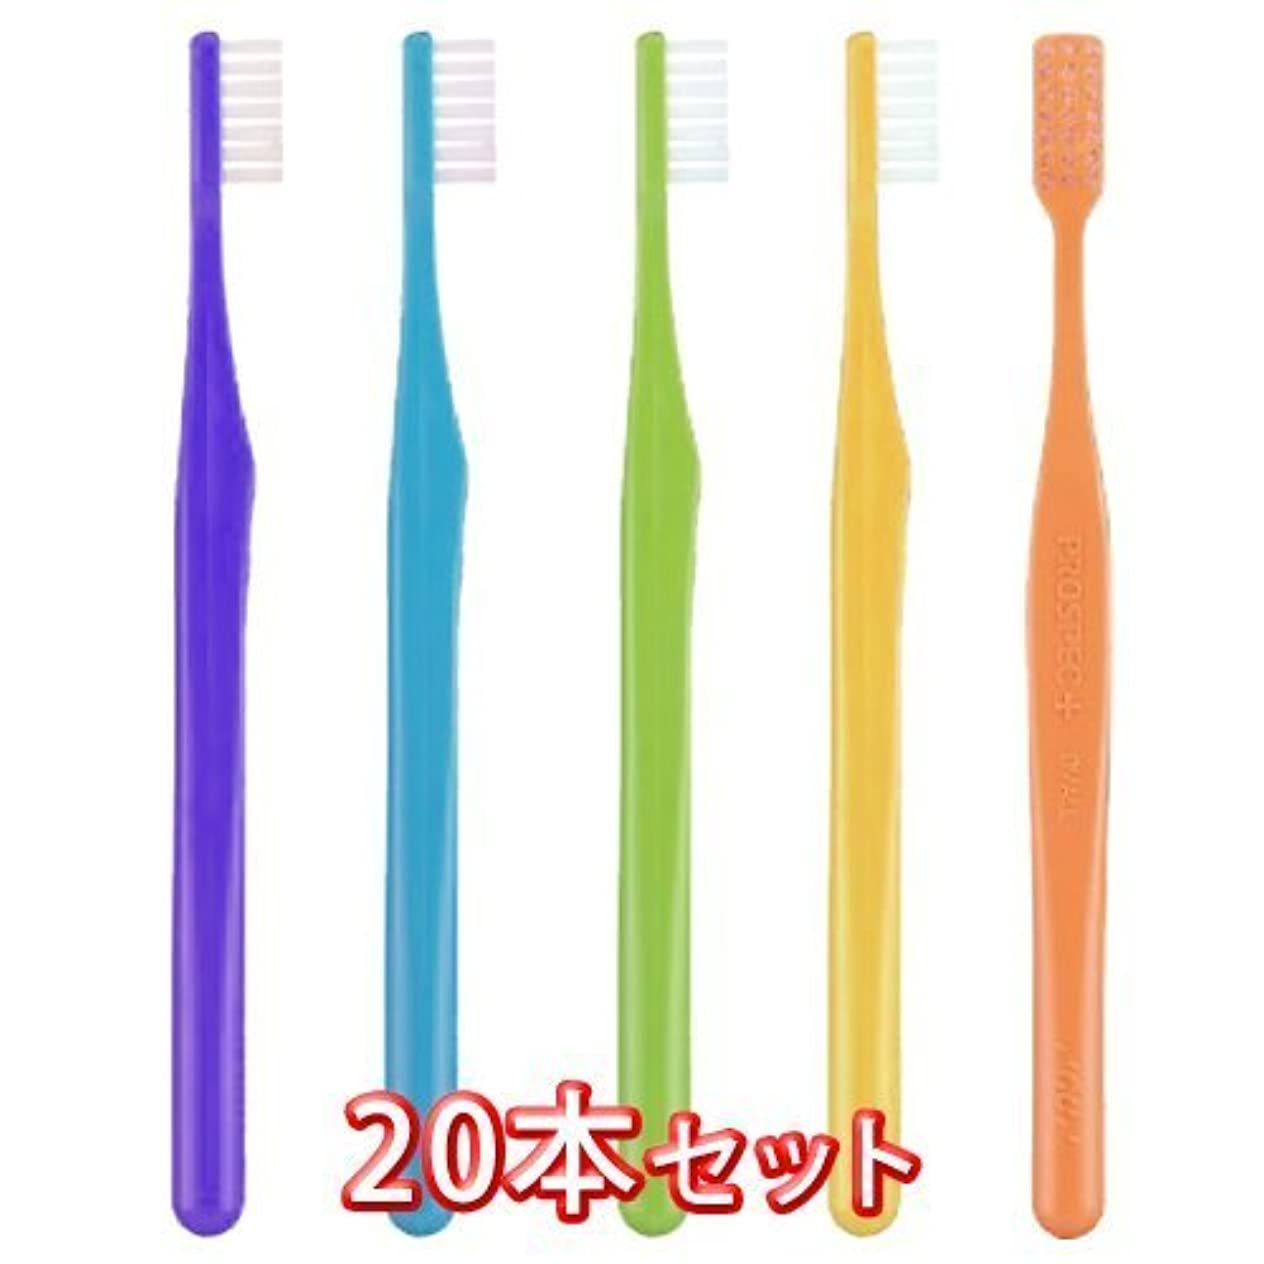 長くする無視できるケントプロスペック プラス 歯ブラシ 20本入 スモール